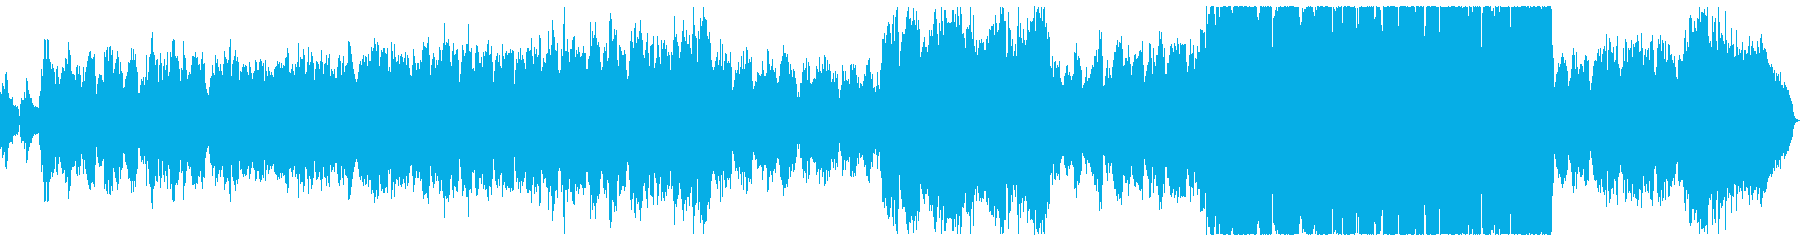 弦楽とピアノによる室内楽(short)の再生済みの波形